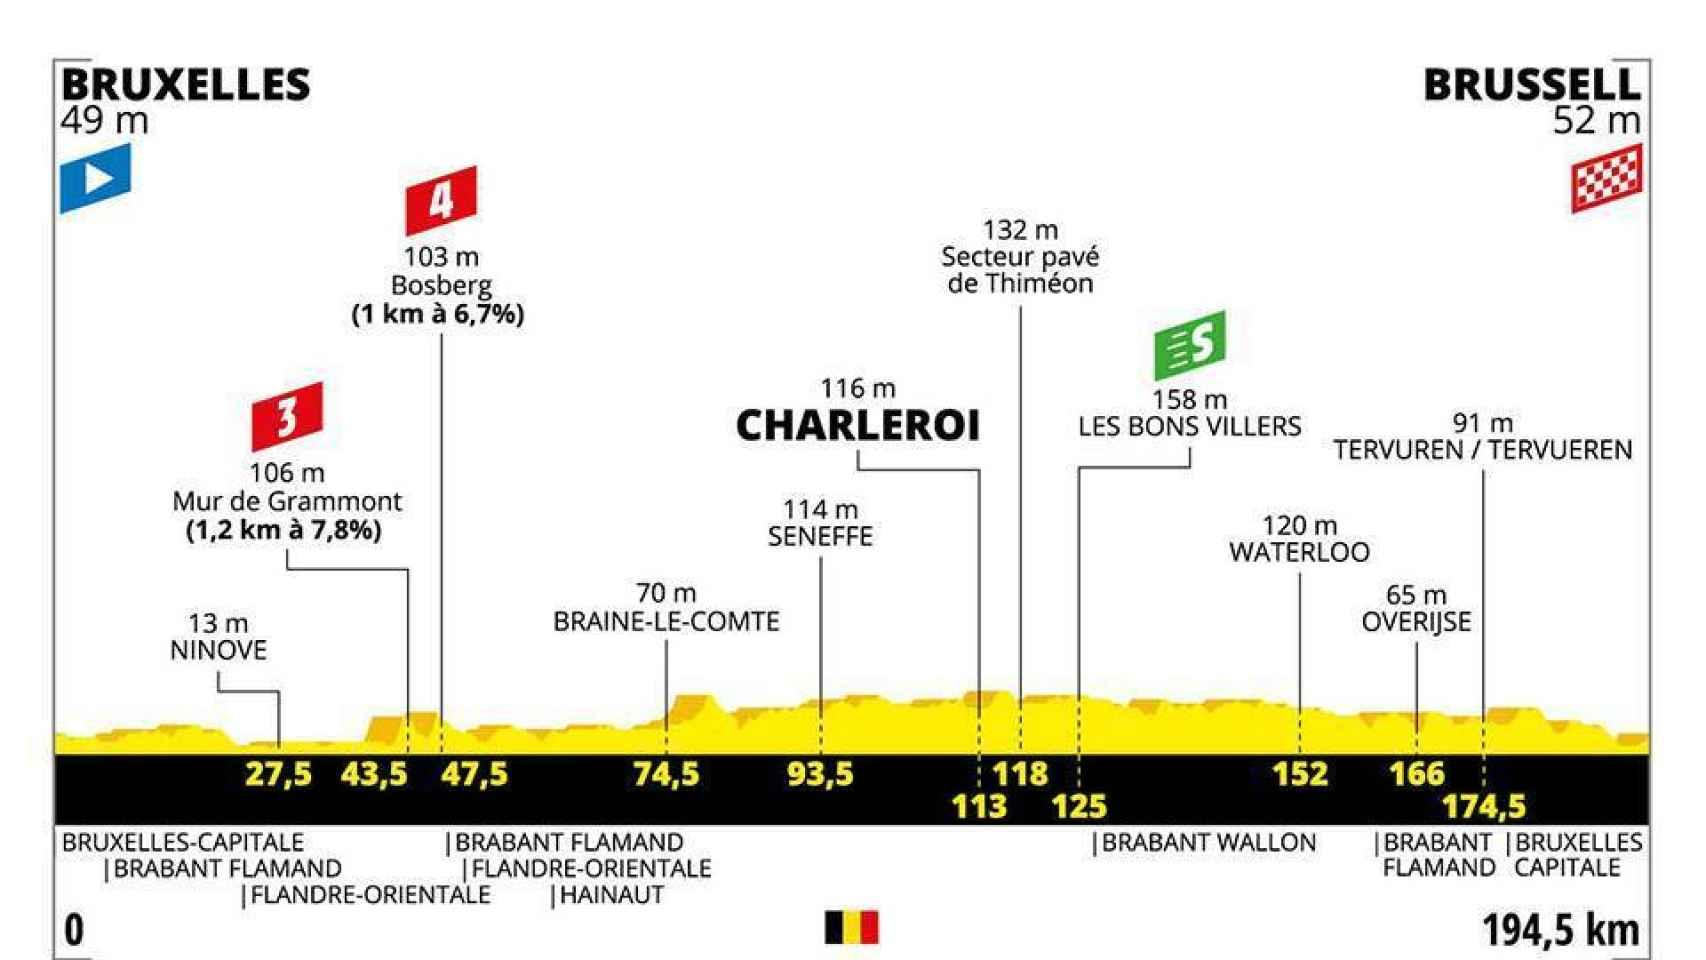 Etapa 1 del Tour de Francia 2019